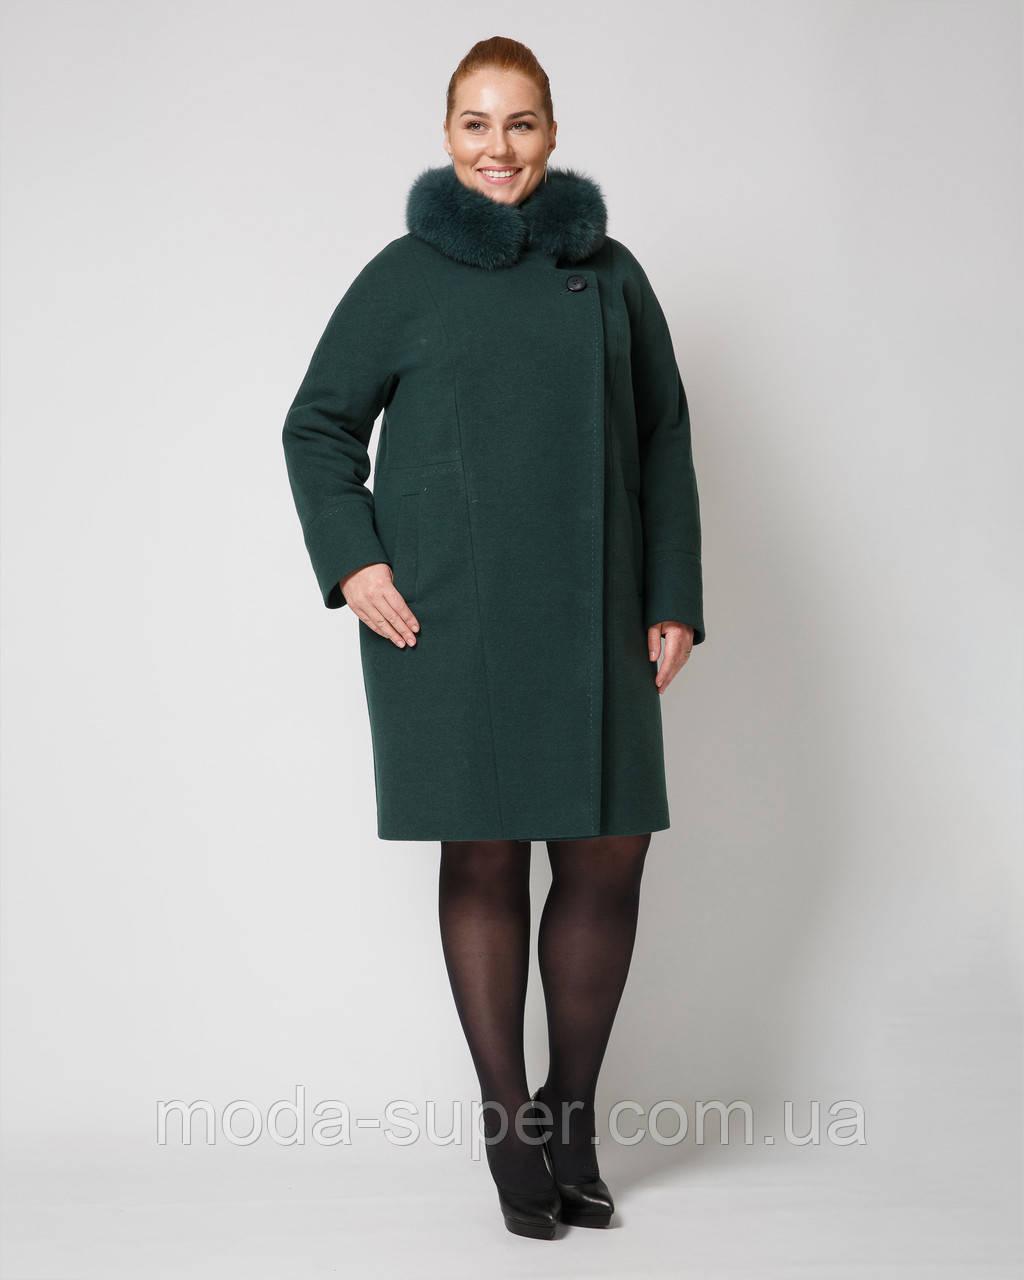 Женское зимнее пальто с мехом на воротнике  рр 48-58